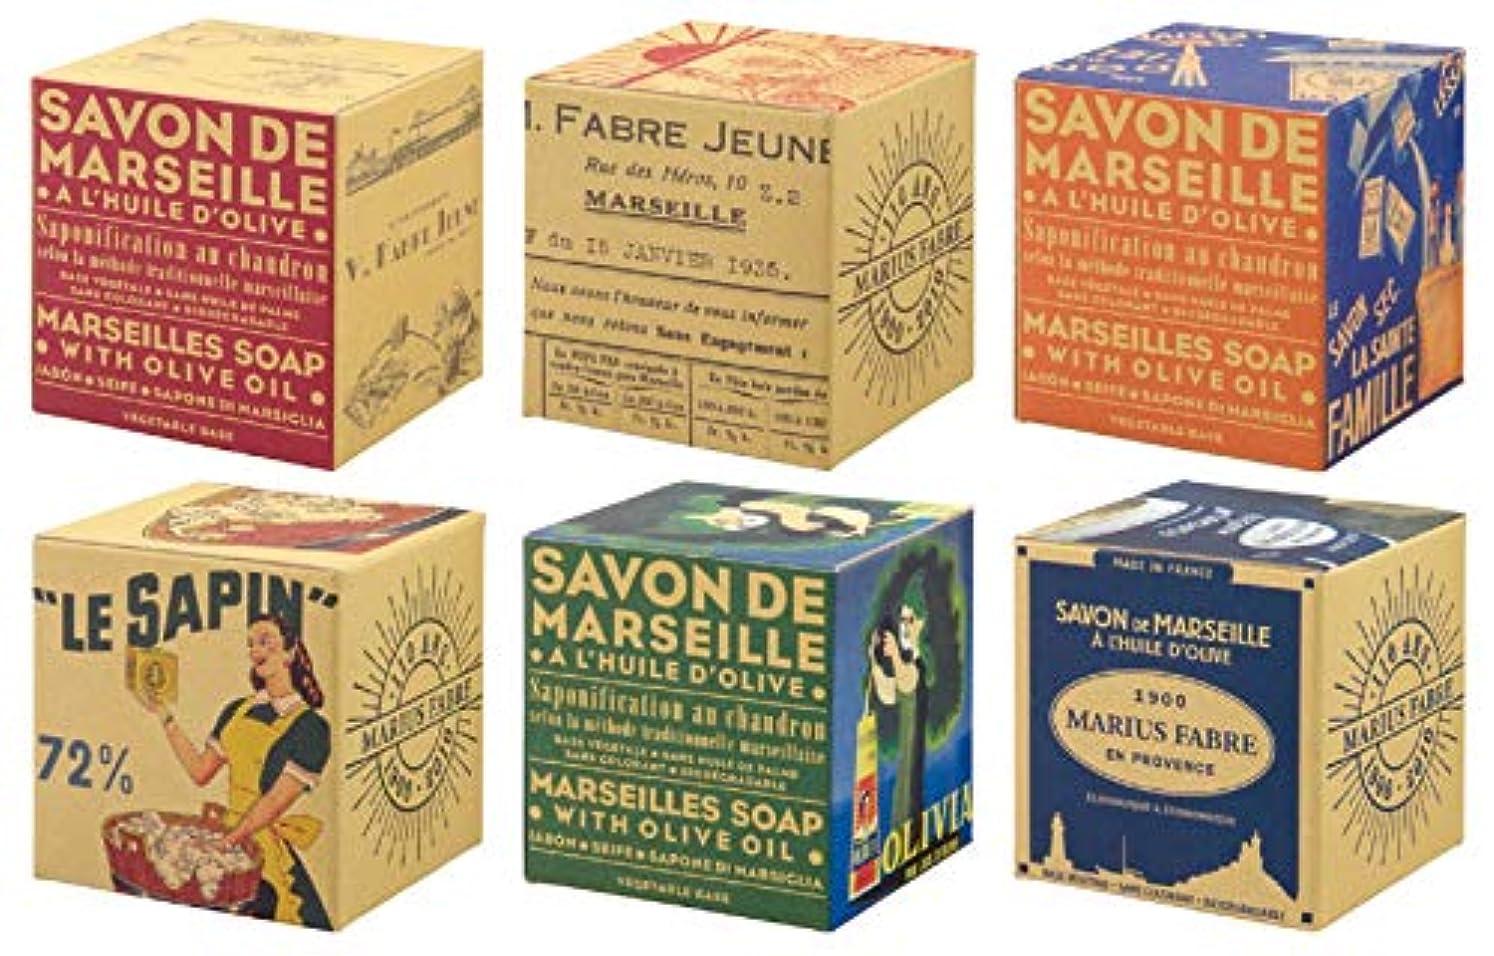 目指すデザートアンプサボンドマルセイユ BOX オリーブ 200g (箱の柄のご指定はできません)